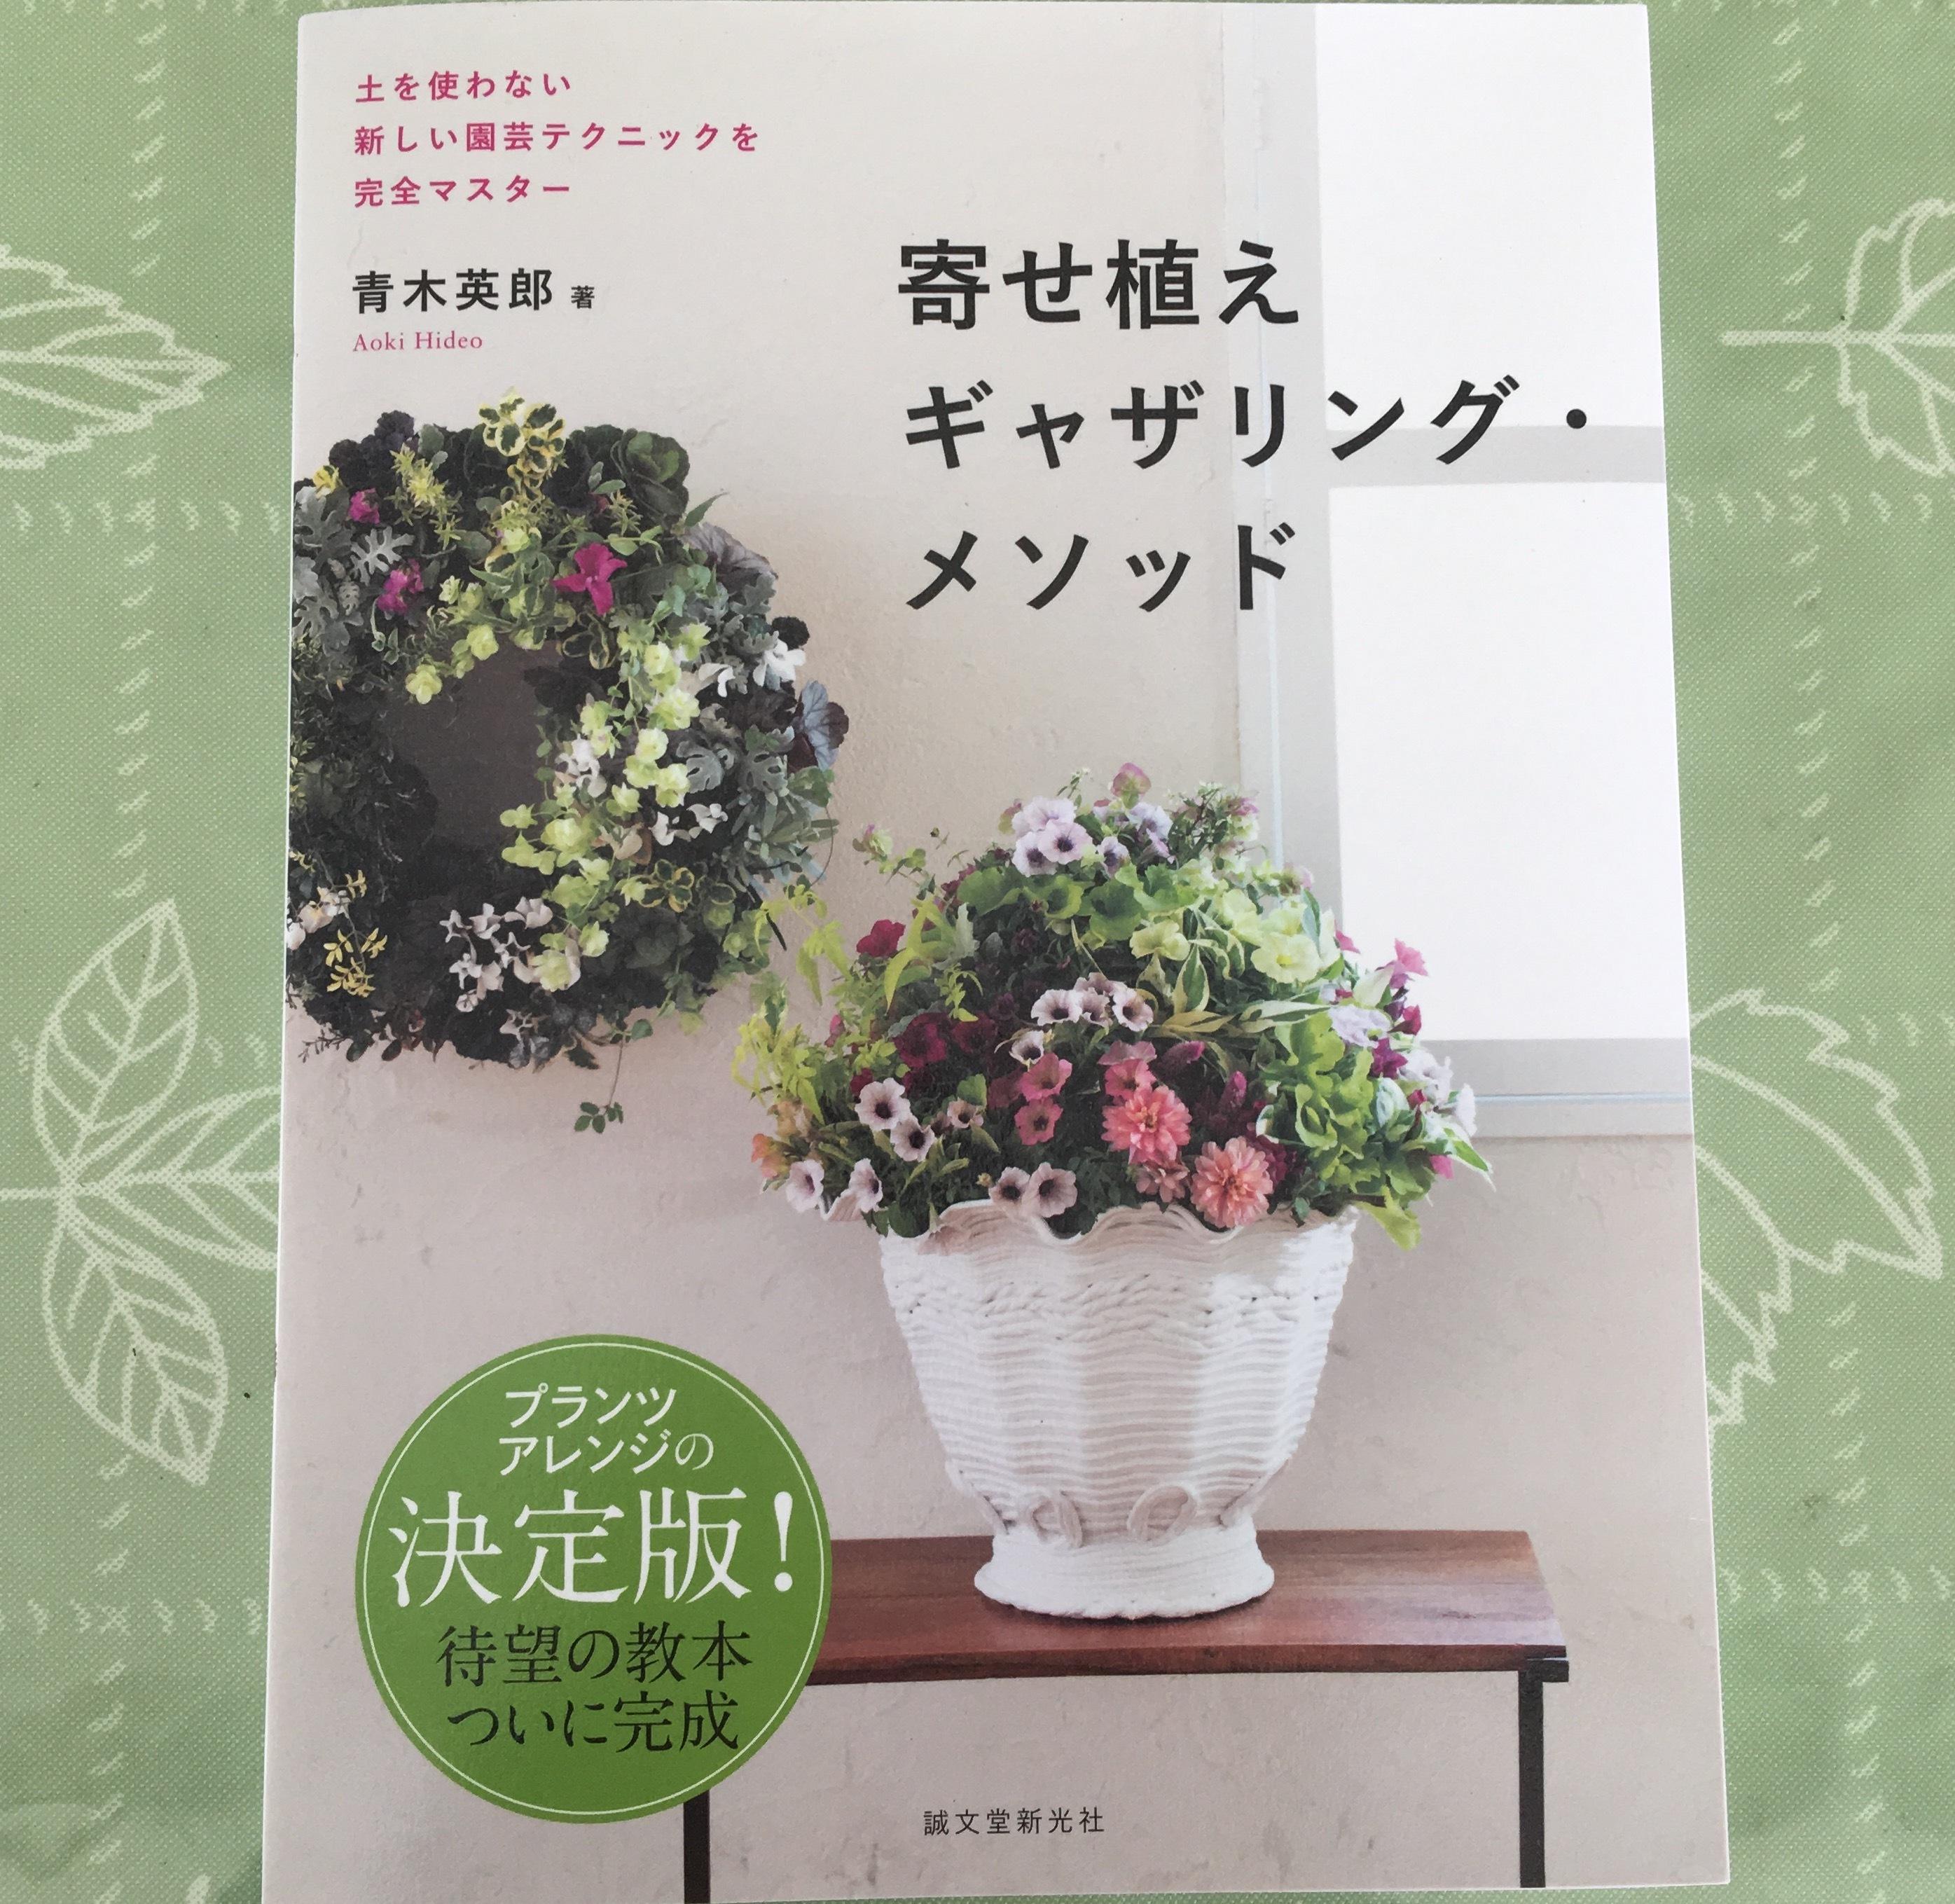 【書籍】寄せ植えギャザリング・メソッド: 土を使わない新しい園芸テクニックを完全マスター - 画像1